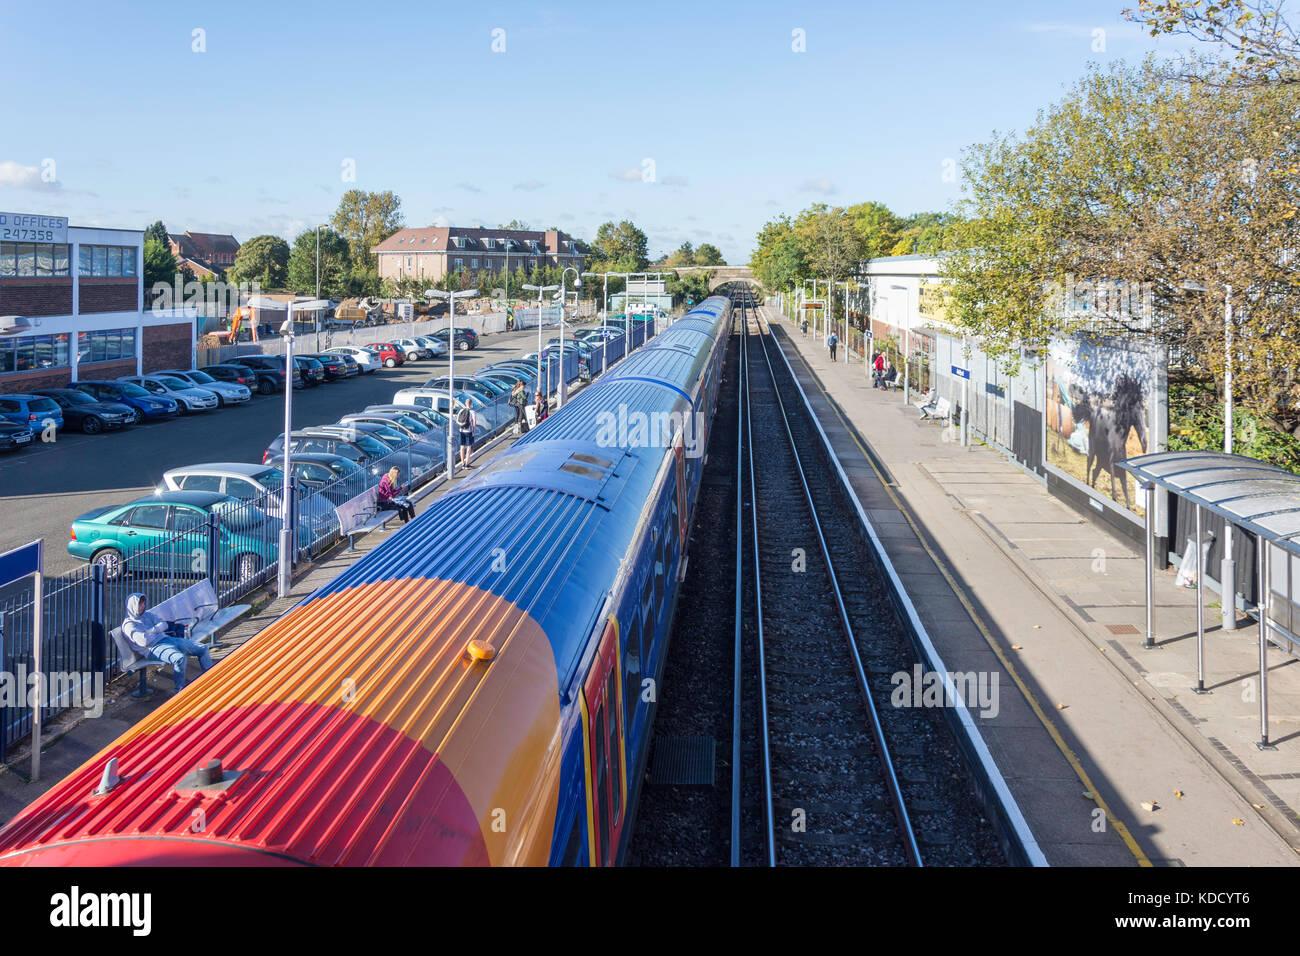 South West Train at Ashford Railway Station, Ashford, Surrey, England, United Kingdom - Stock Image